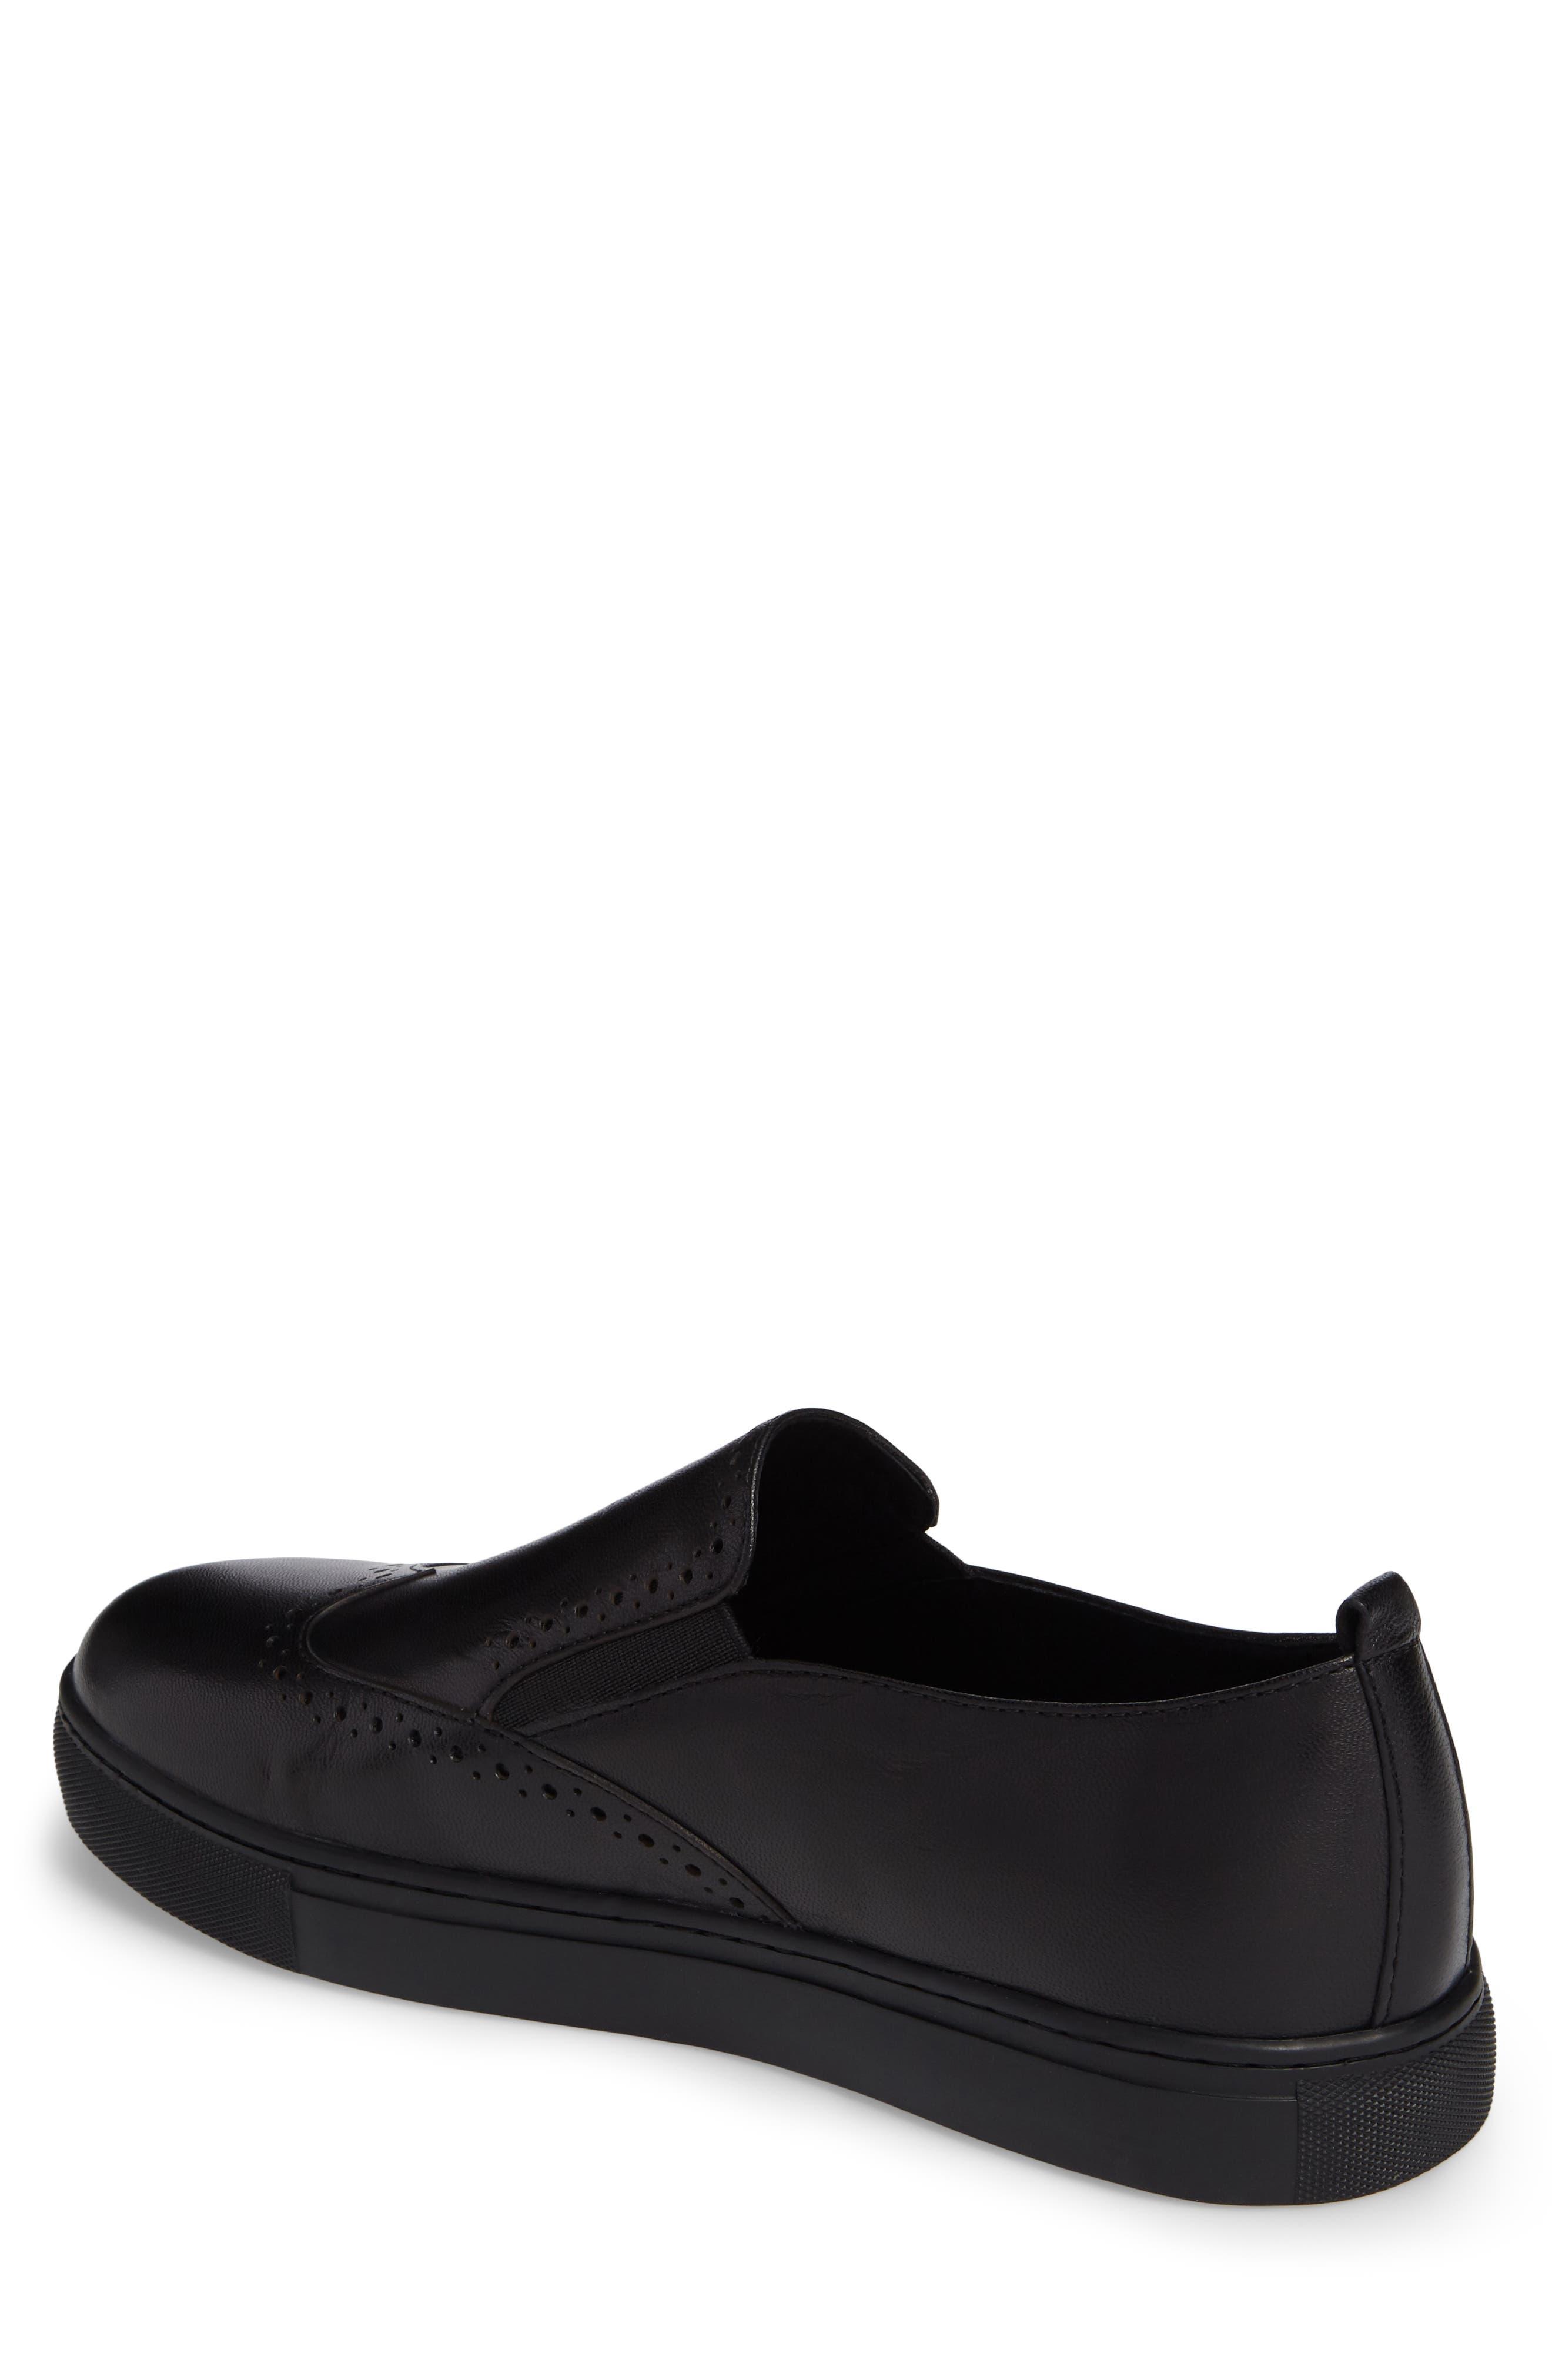 Bacher Wingtip Slip-On Sneaker,                             Alternate thumbnail 2, color,                             001